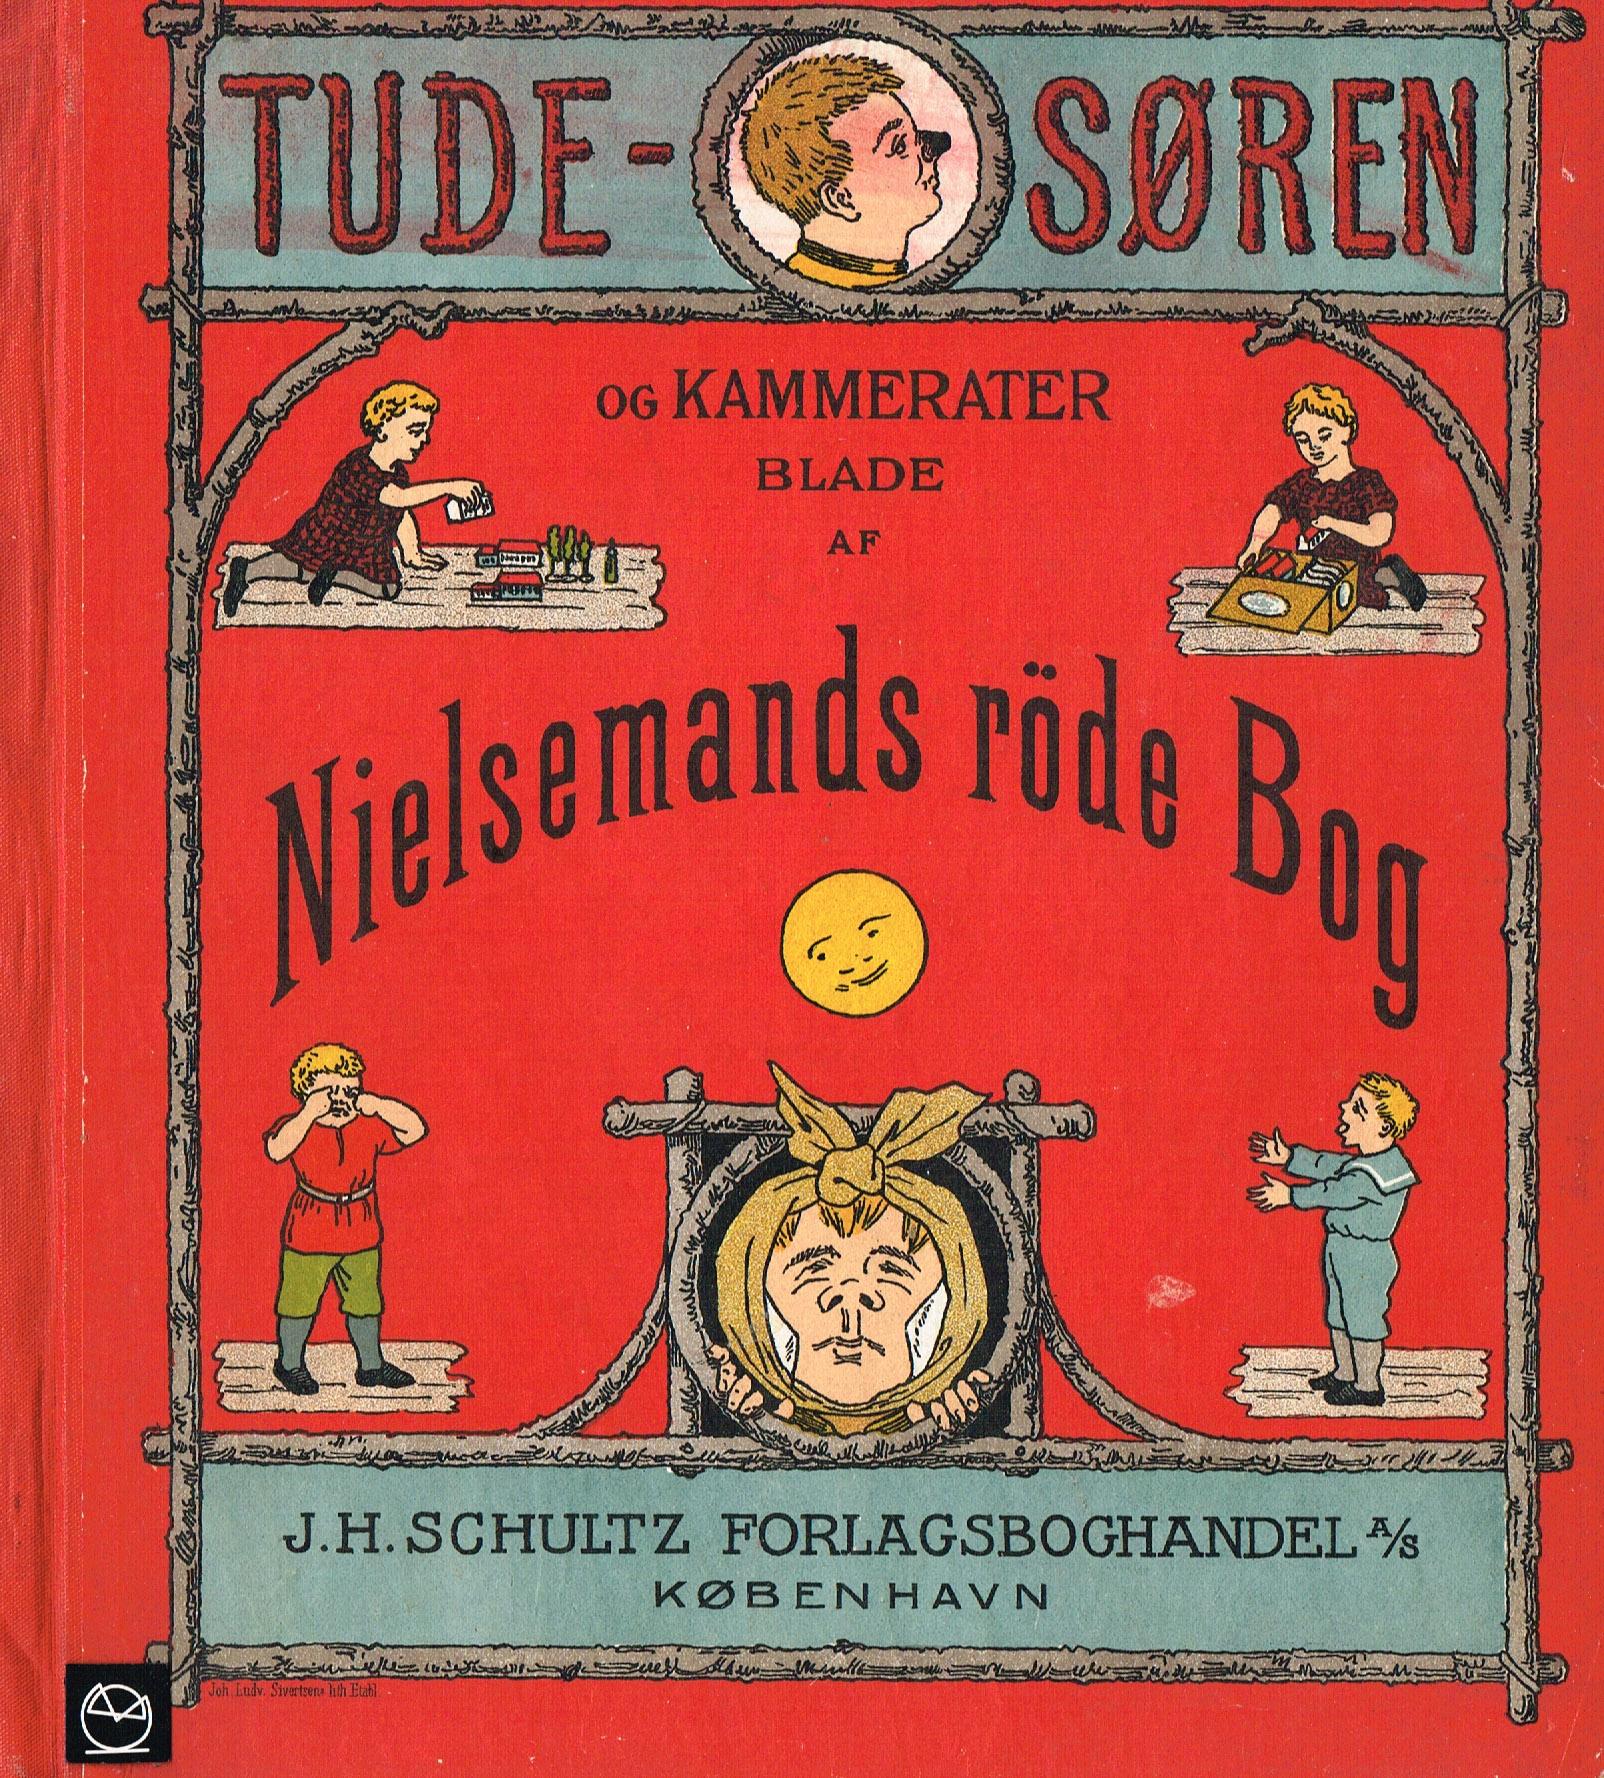 Nielsemands røde bog billedbog 1924